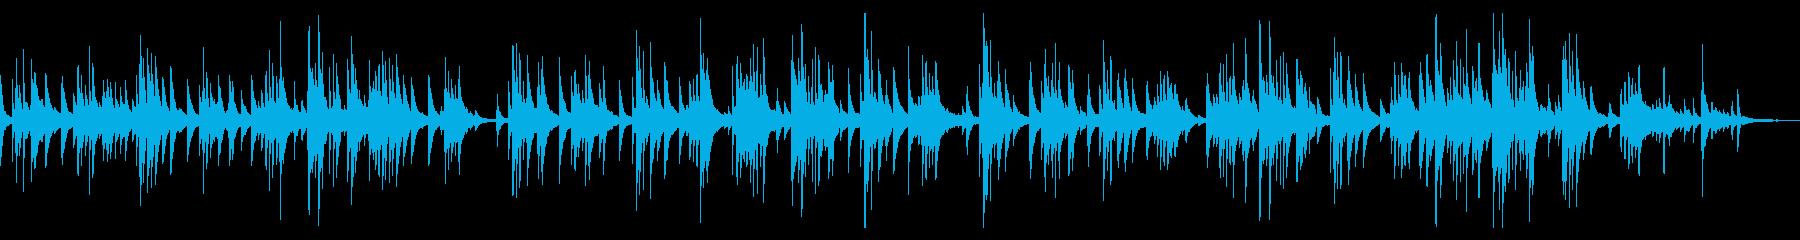 讃美歌・慈しみ深き・ピアノアレンジの再生済みの波形